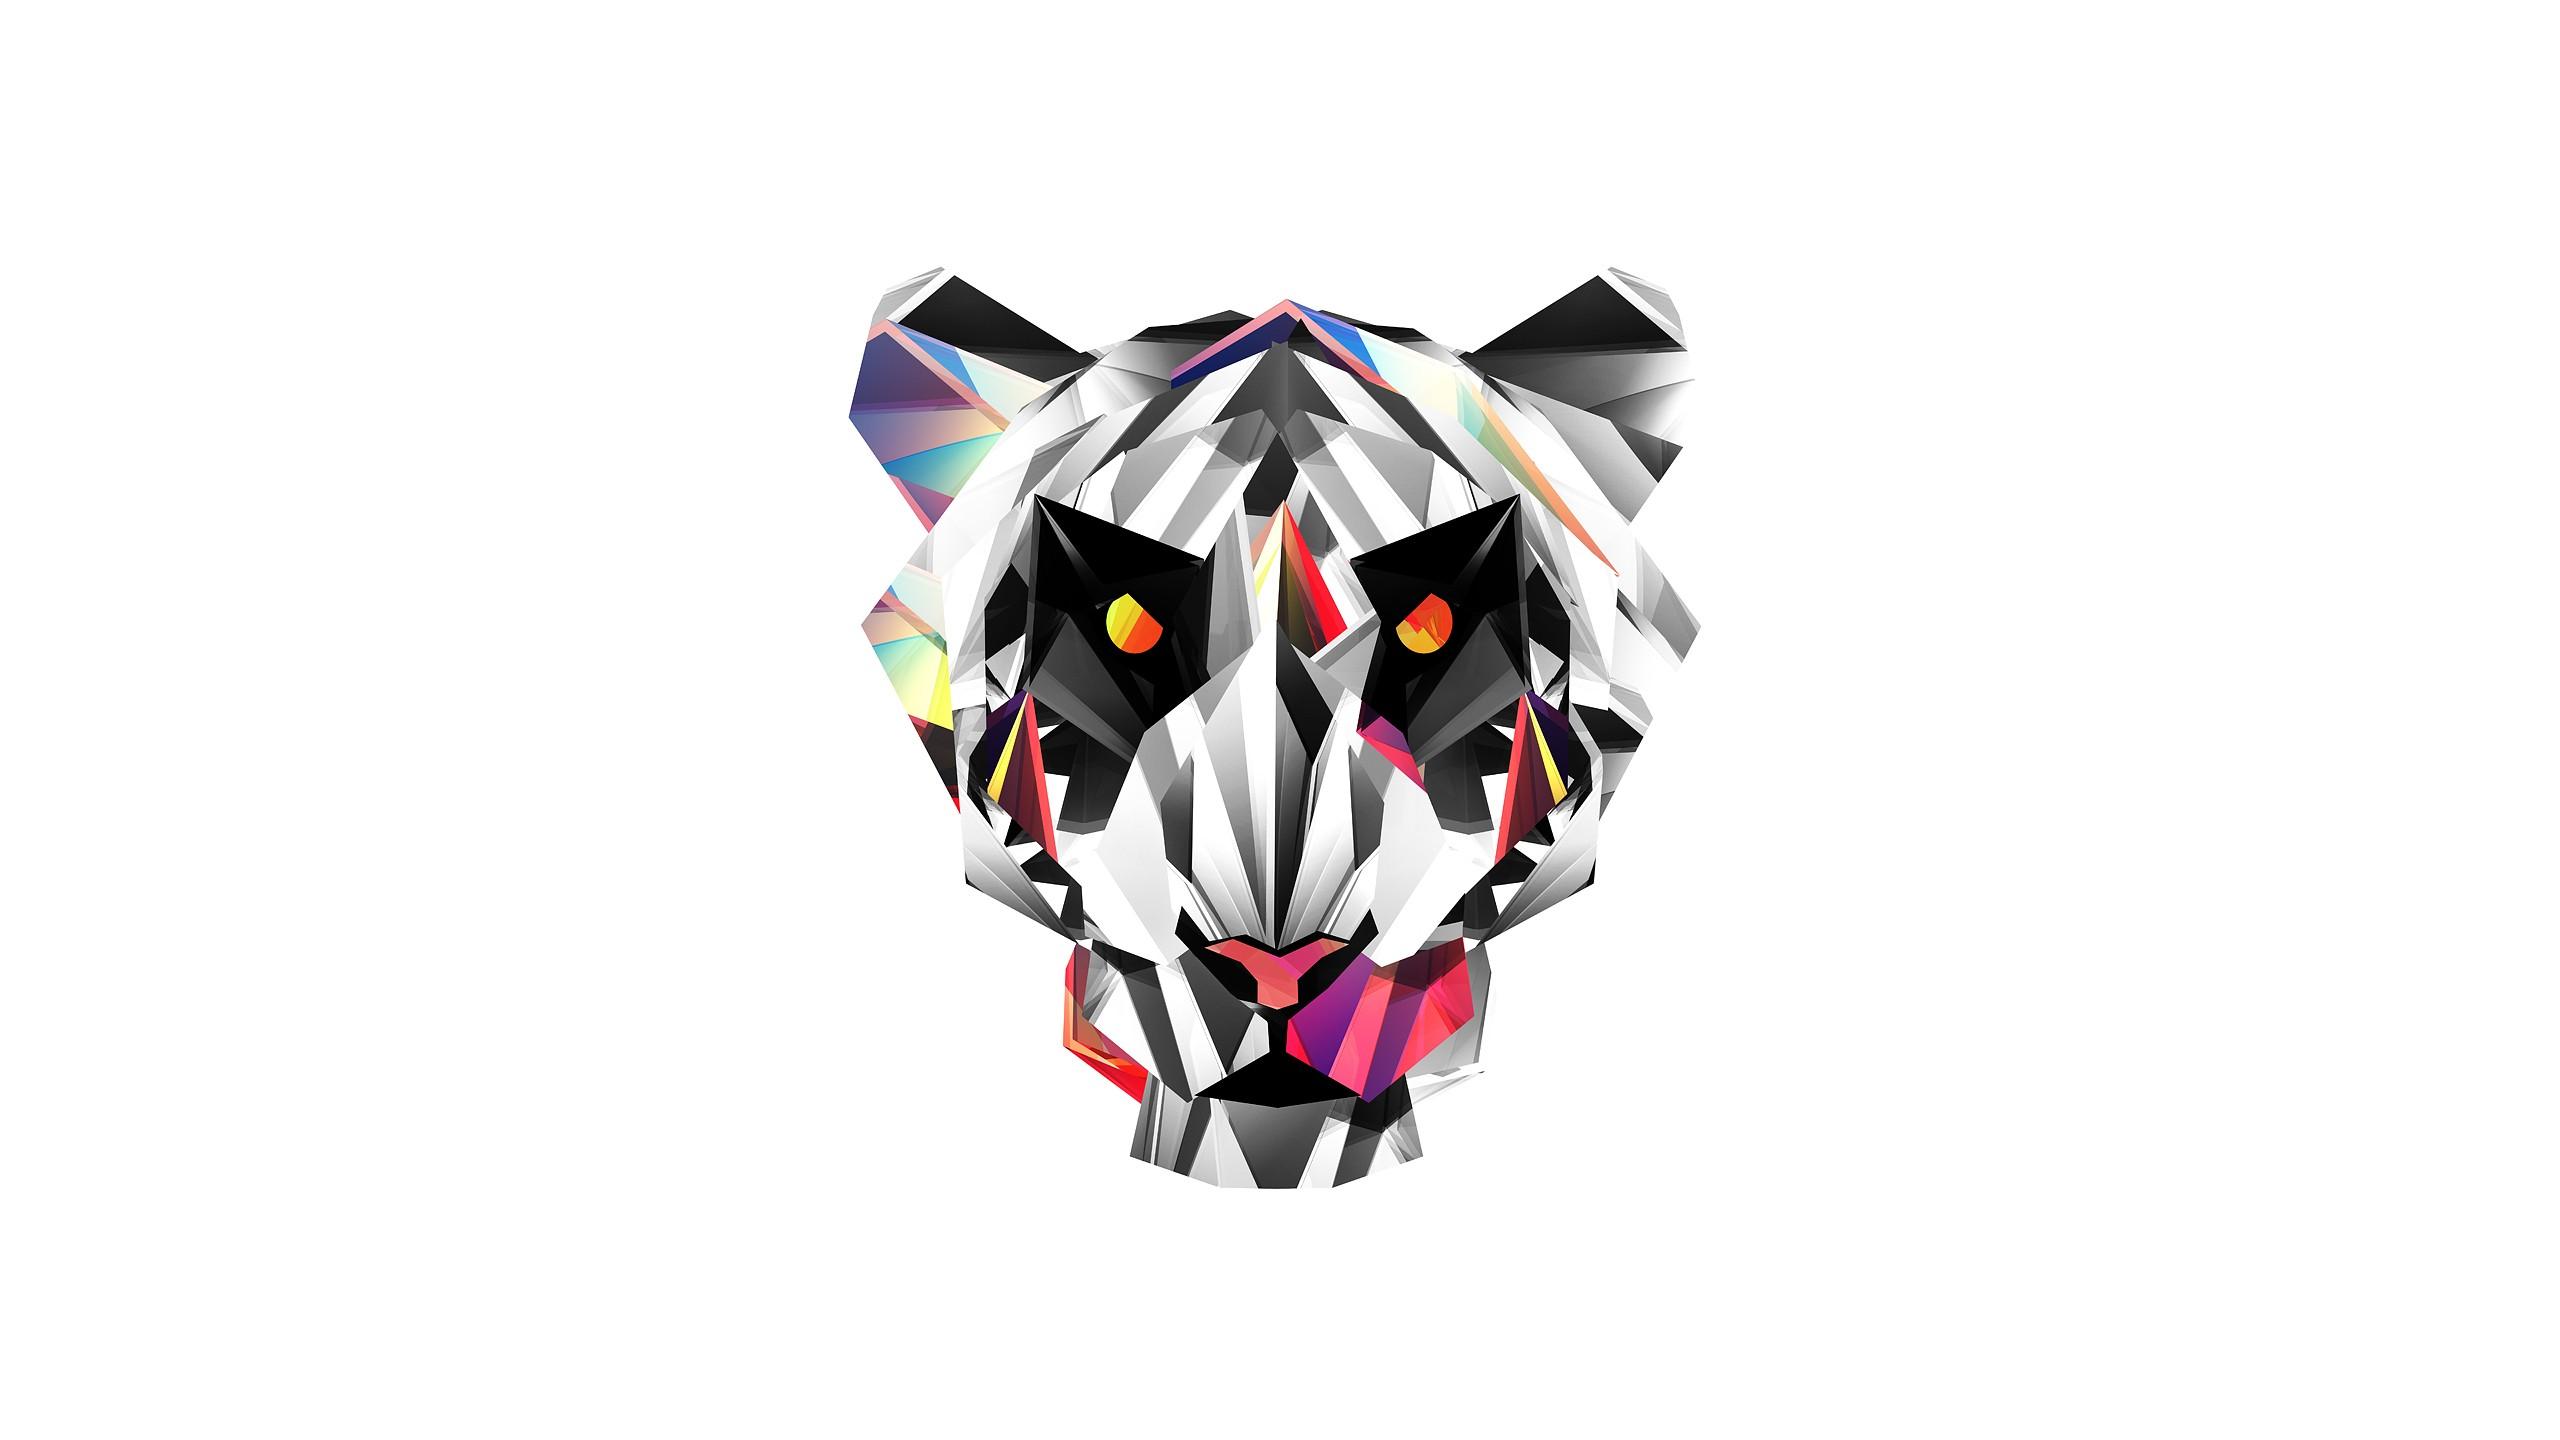 2560x1440 Px Animals Digital Art Facets Justin Maller Tiger